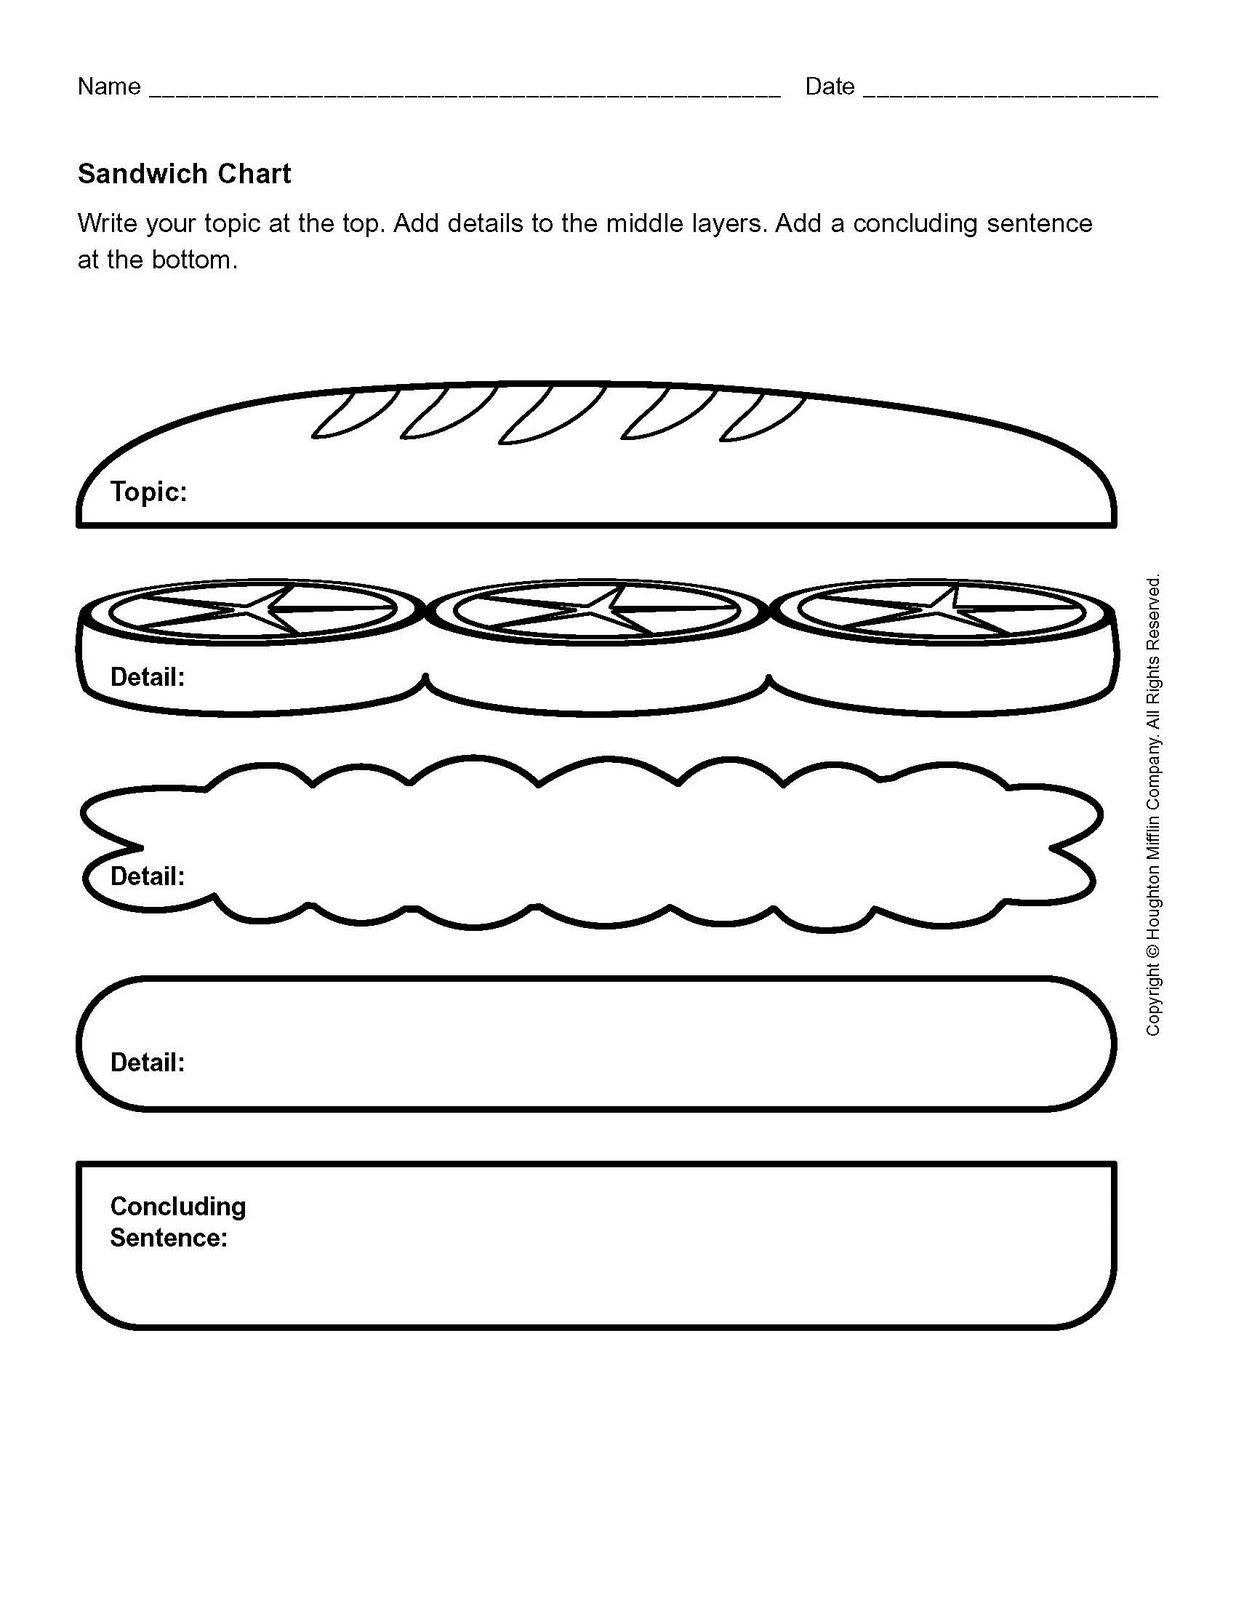 Sandwich Chart